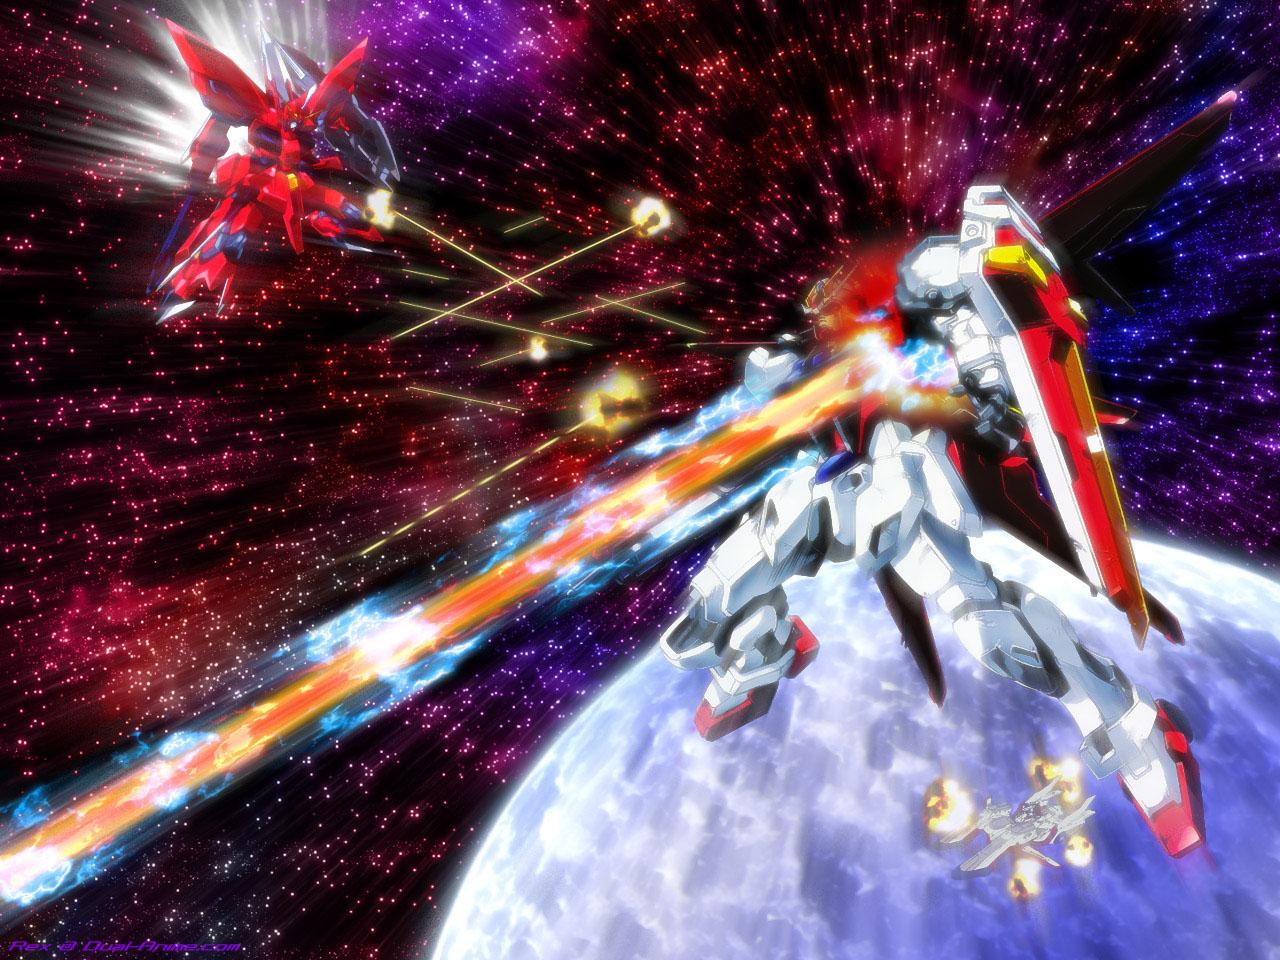 Gundam Seed Wallpaper 1280x960 Gundam Seed Battlefield 1280x960